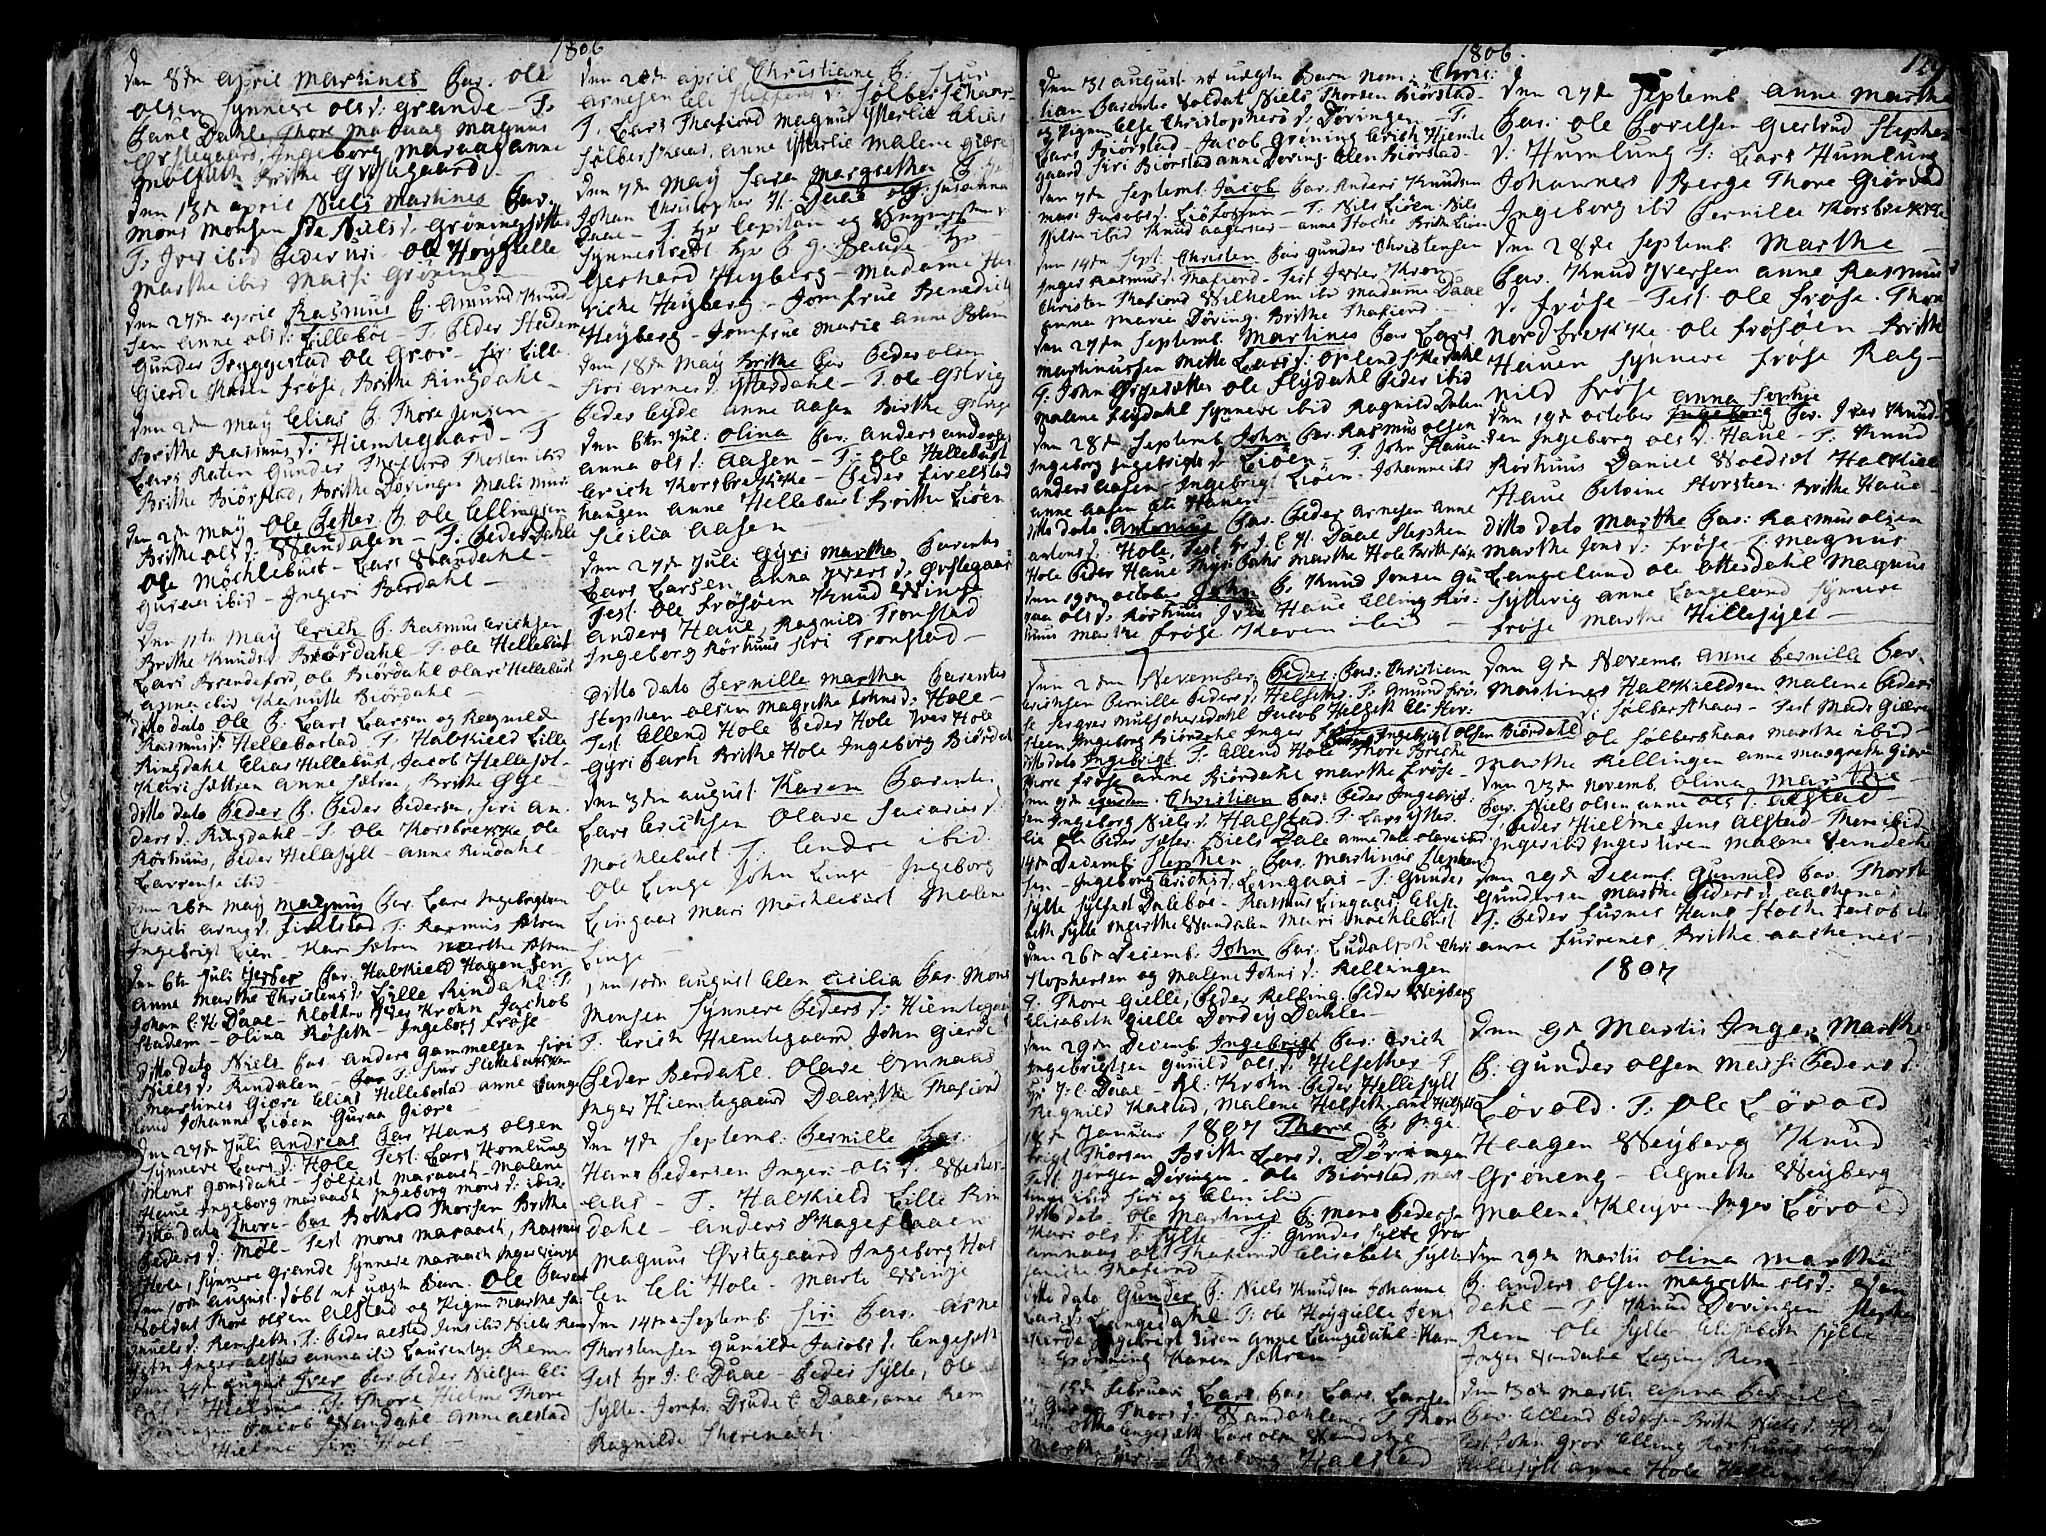 SAT, Ministerialprotokoller, klokkerbøker og fødselsregistre - Møre og Romsdal, 519/L0245: Ministerialbok nr. 519A04, 1774-1816, s. 129